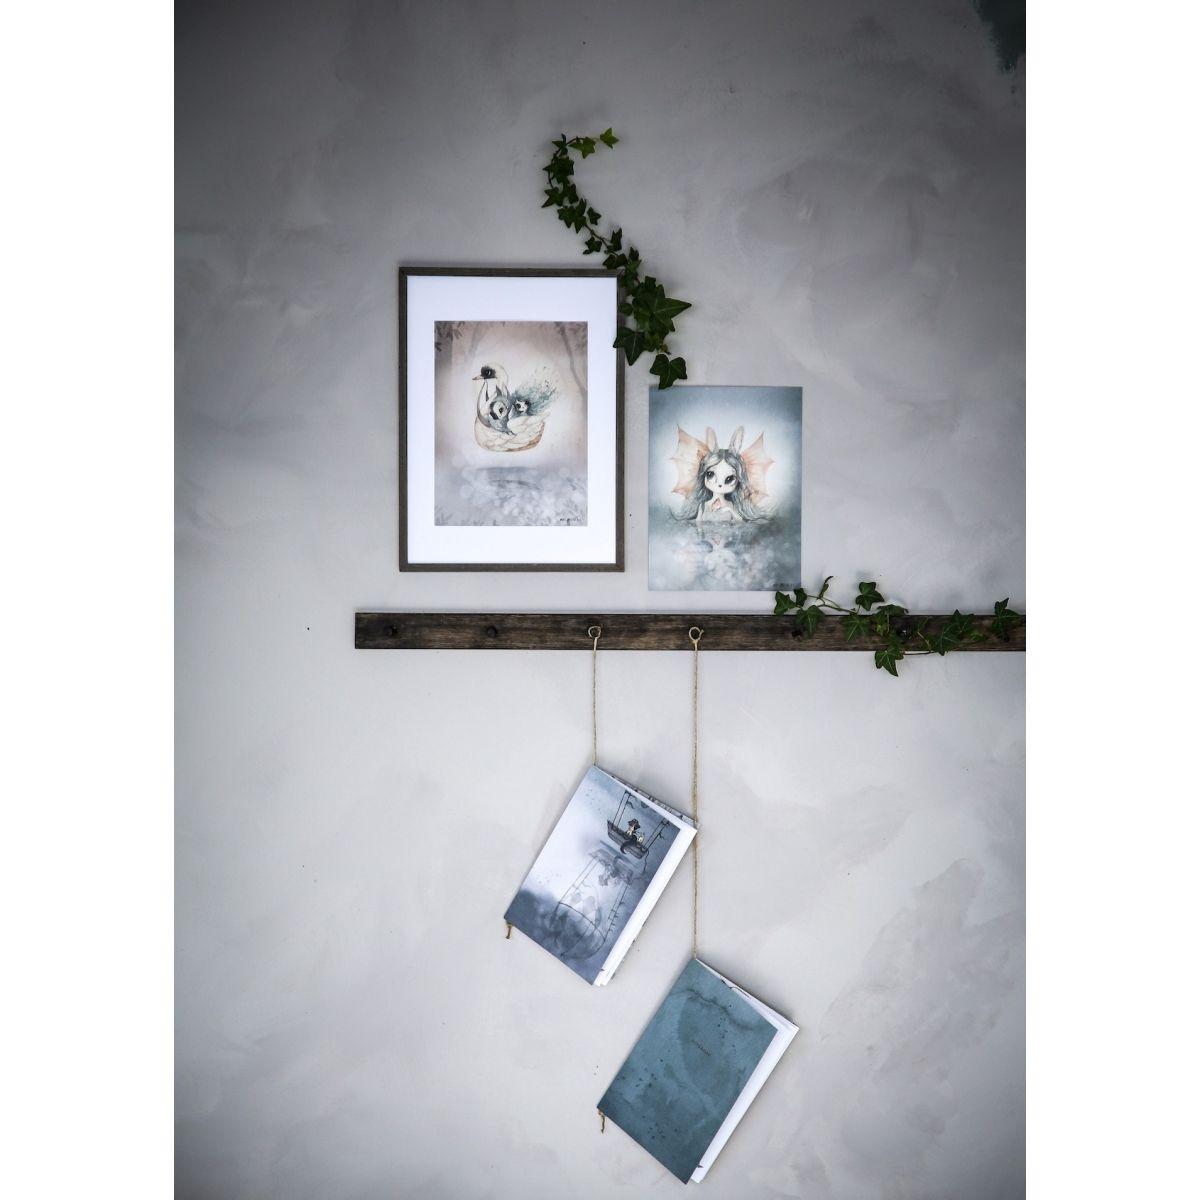 Mrs. Mighetto Komplet kartek Bianca/ Swan Boat